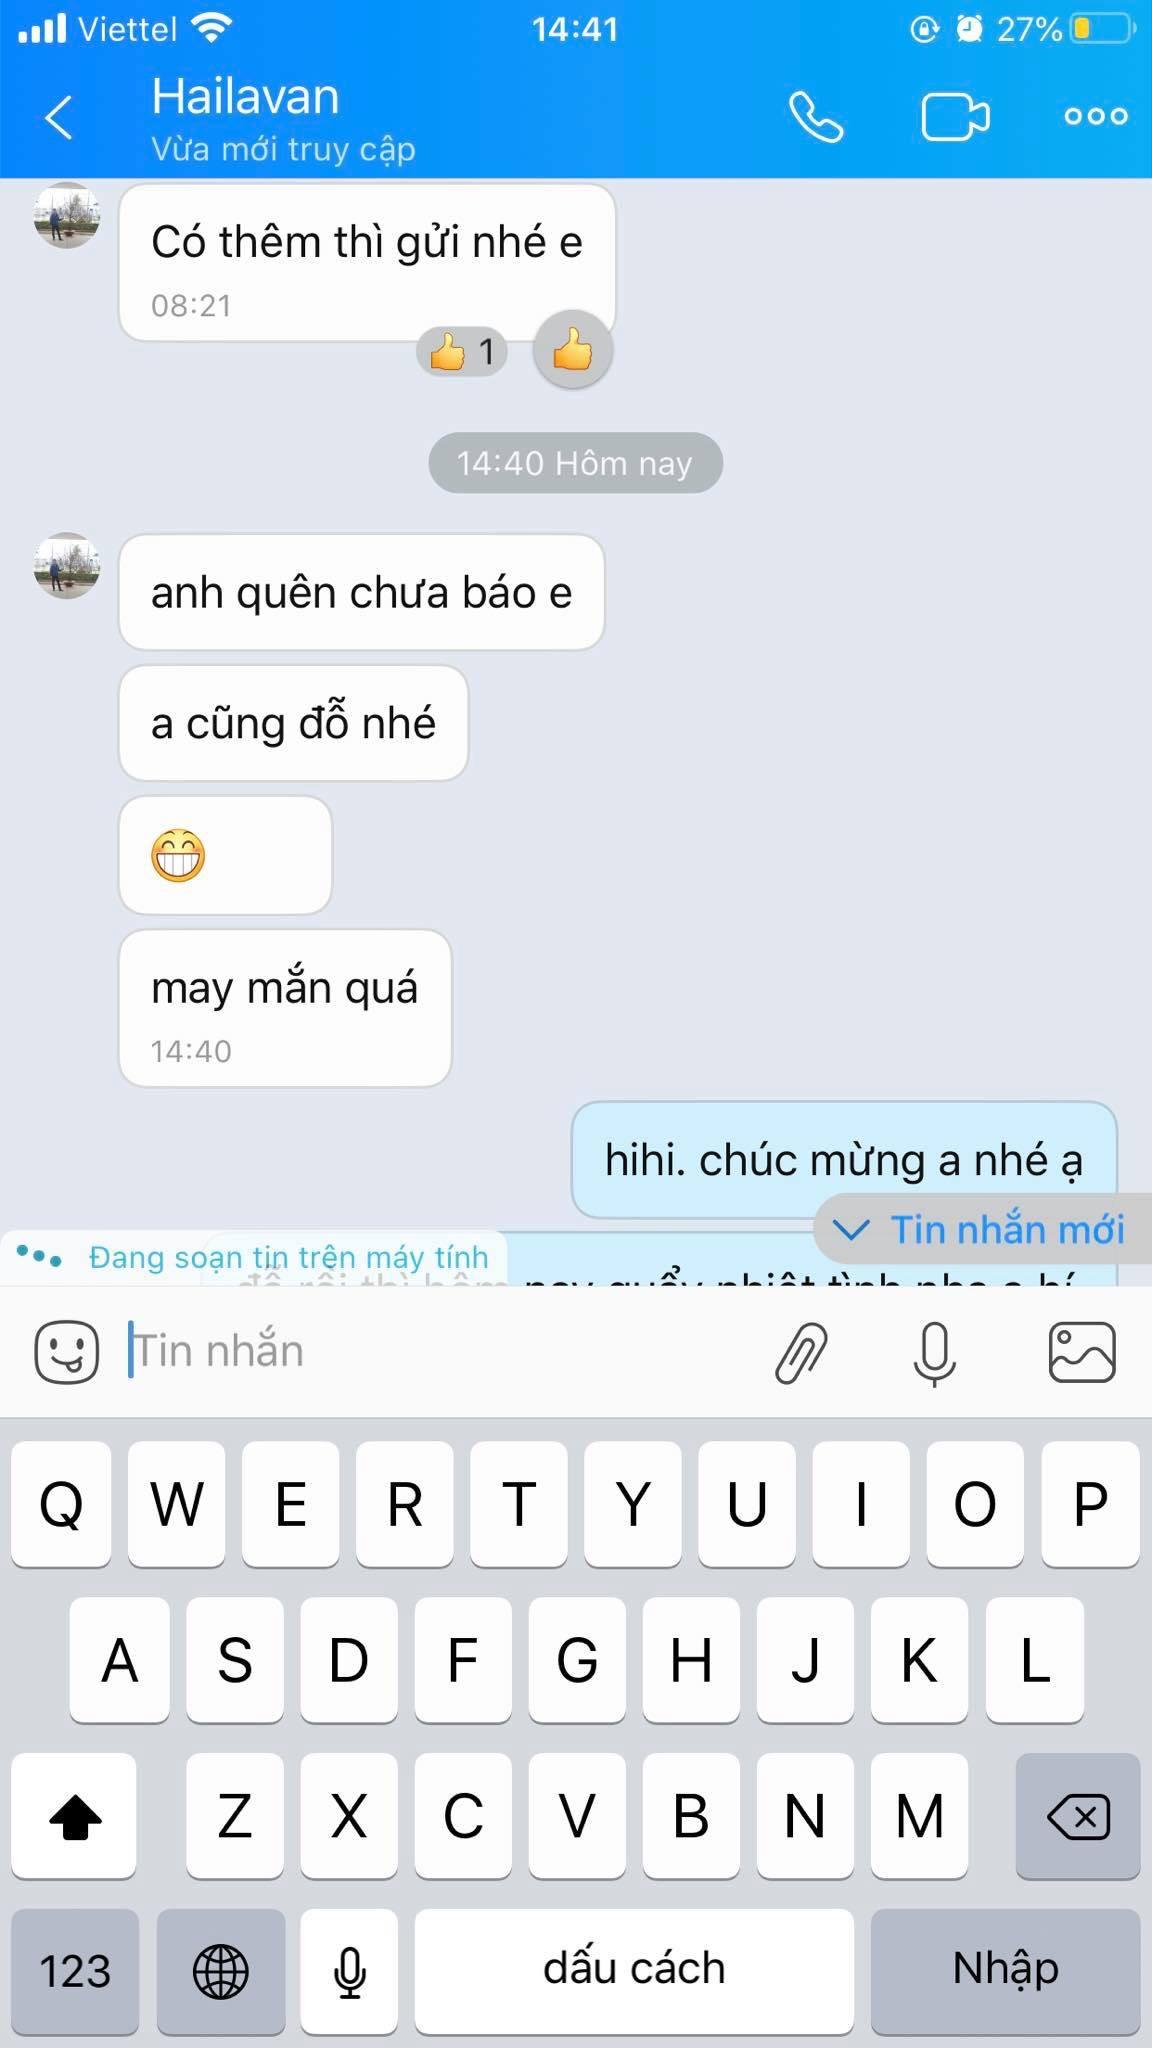 Bùi Quang Khoa